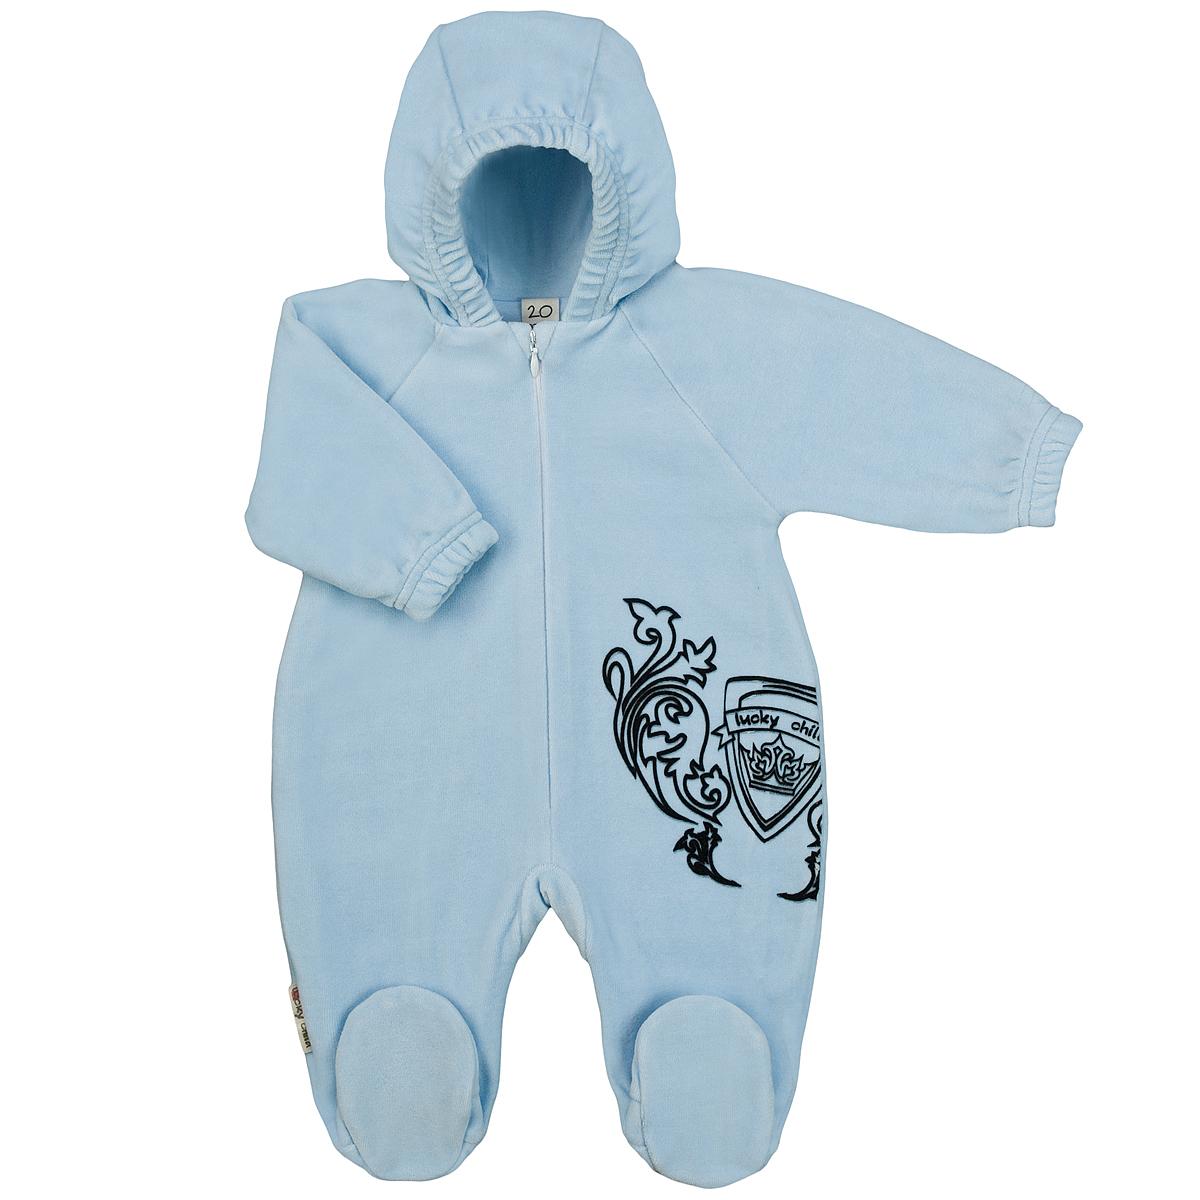 Комбинезон детский Lucky Child, цвет: голубой. 5-4. Размер 74/80